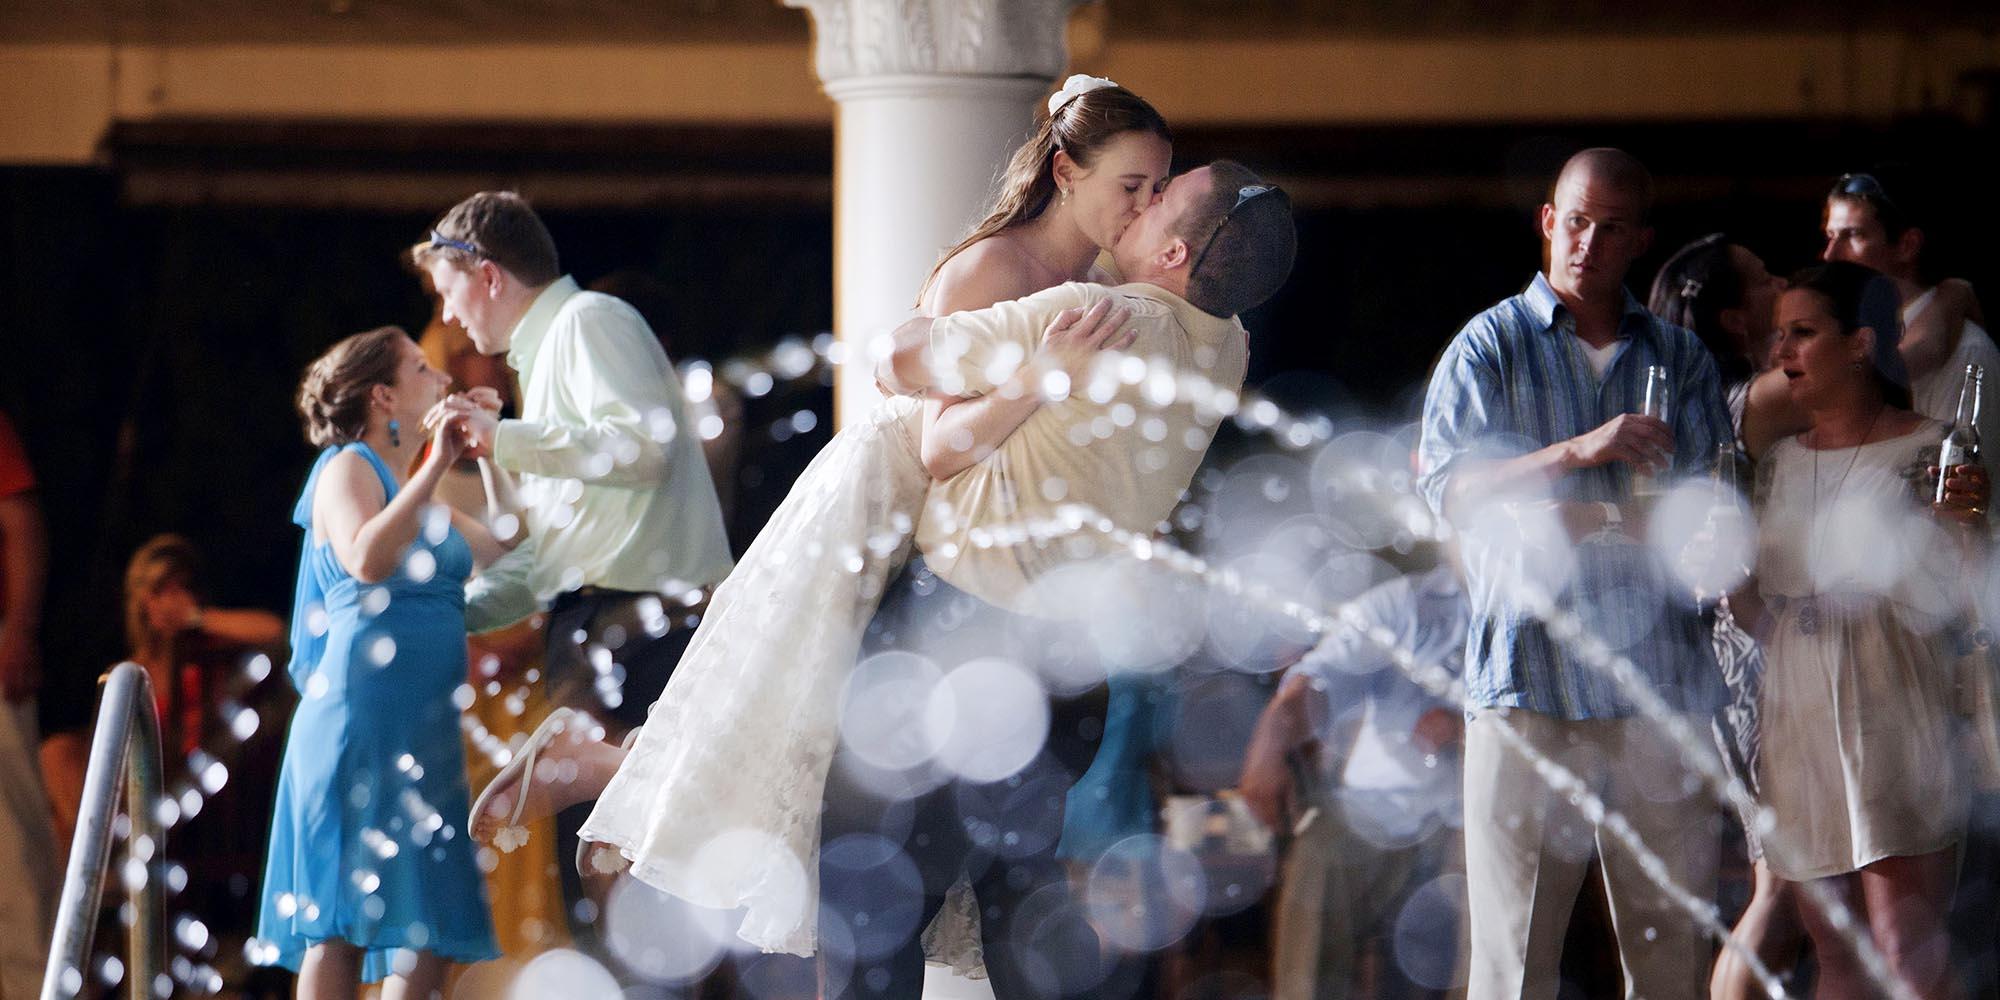 Joe + Elizabeth Crystal Coast Wedding at the Ocean Club